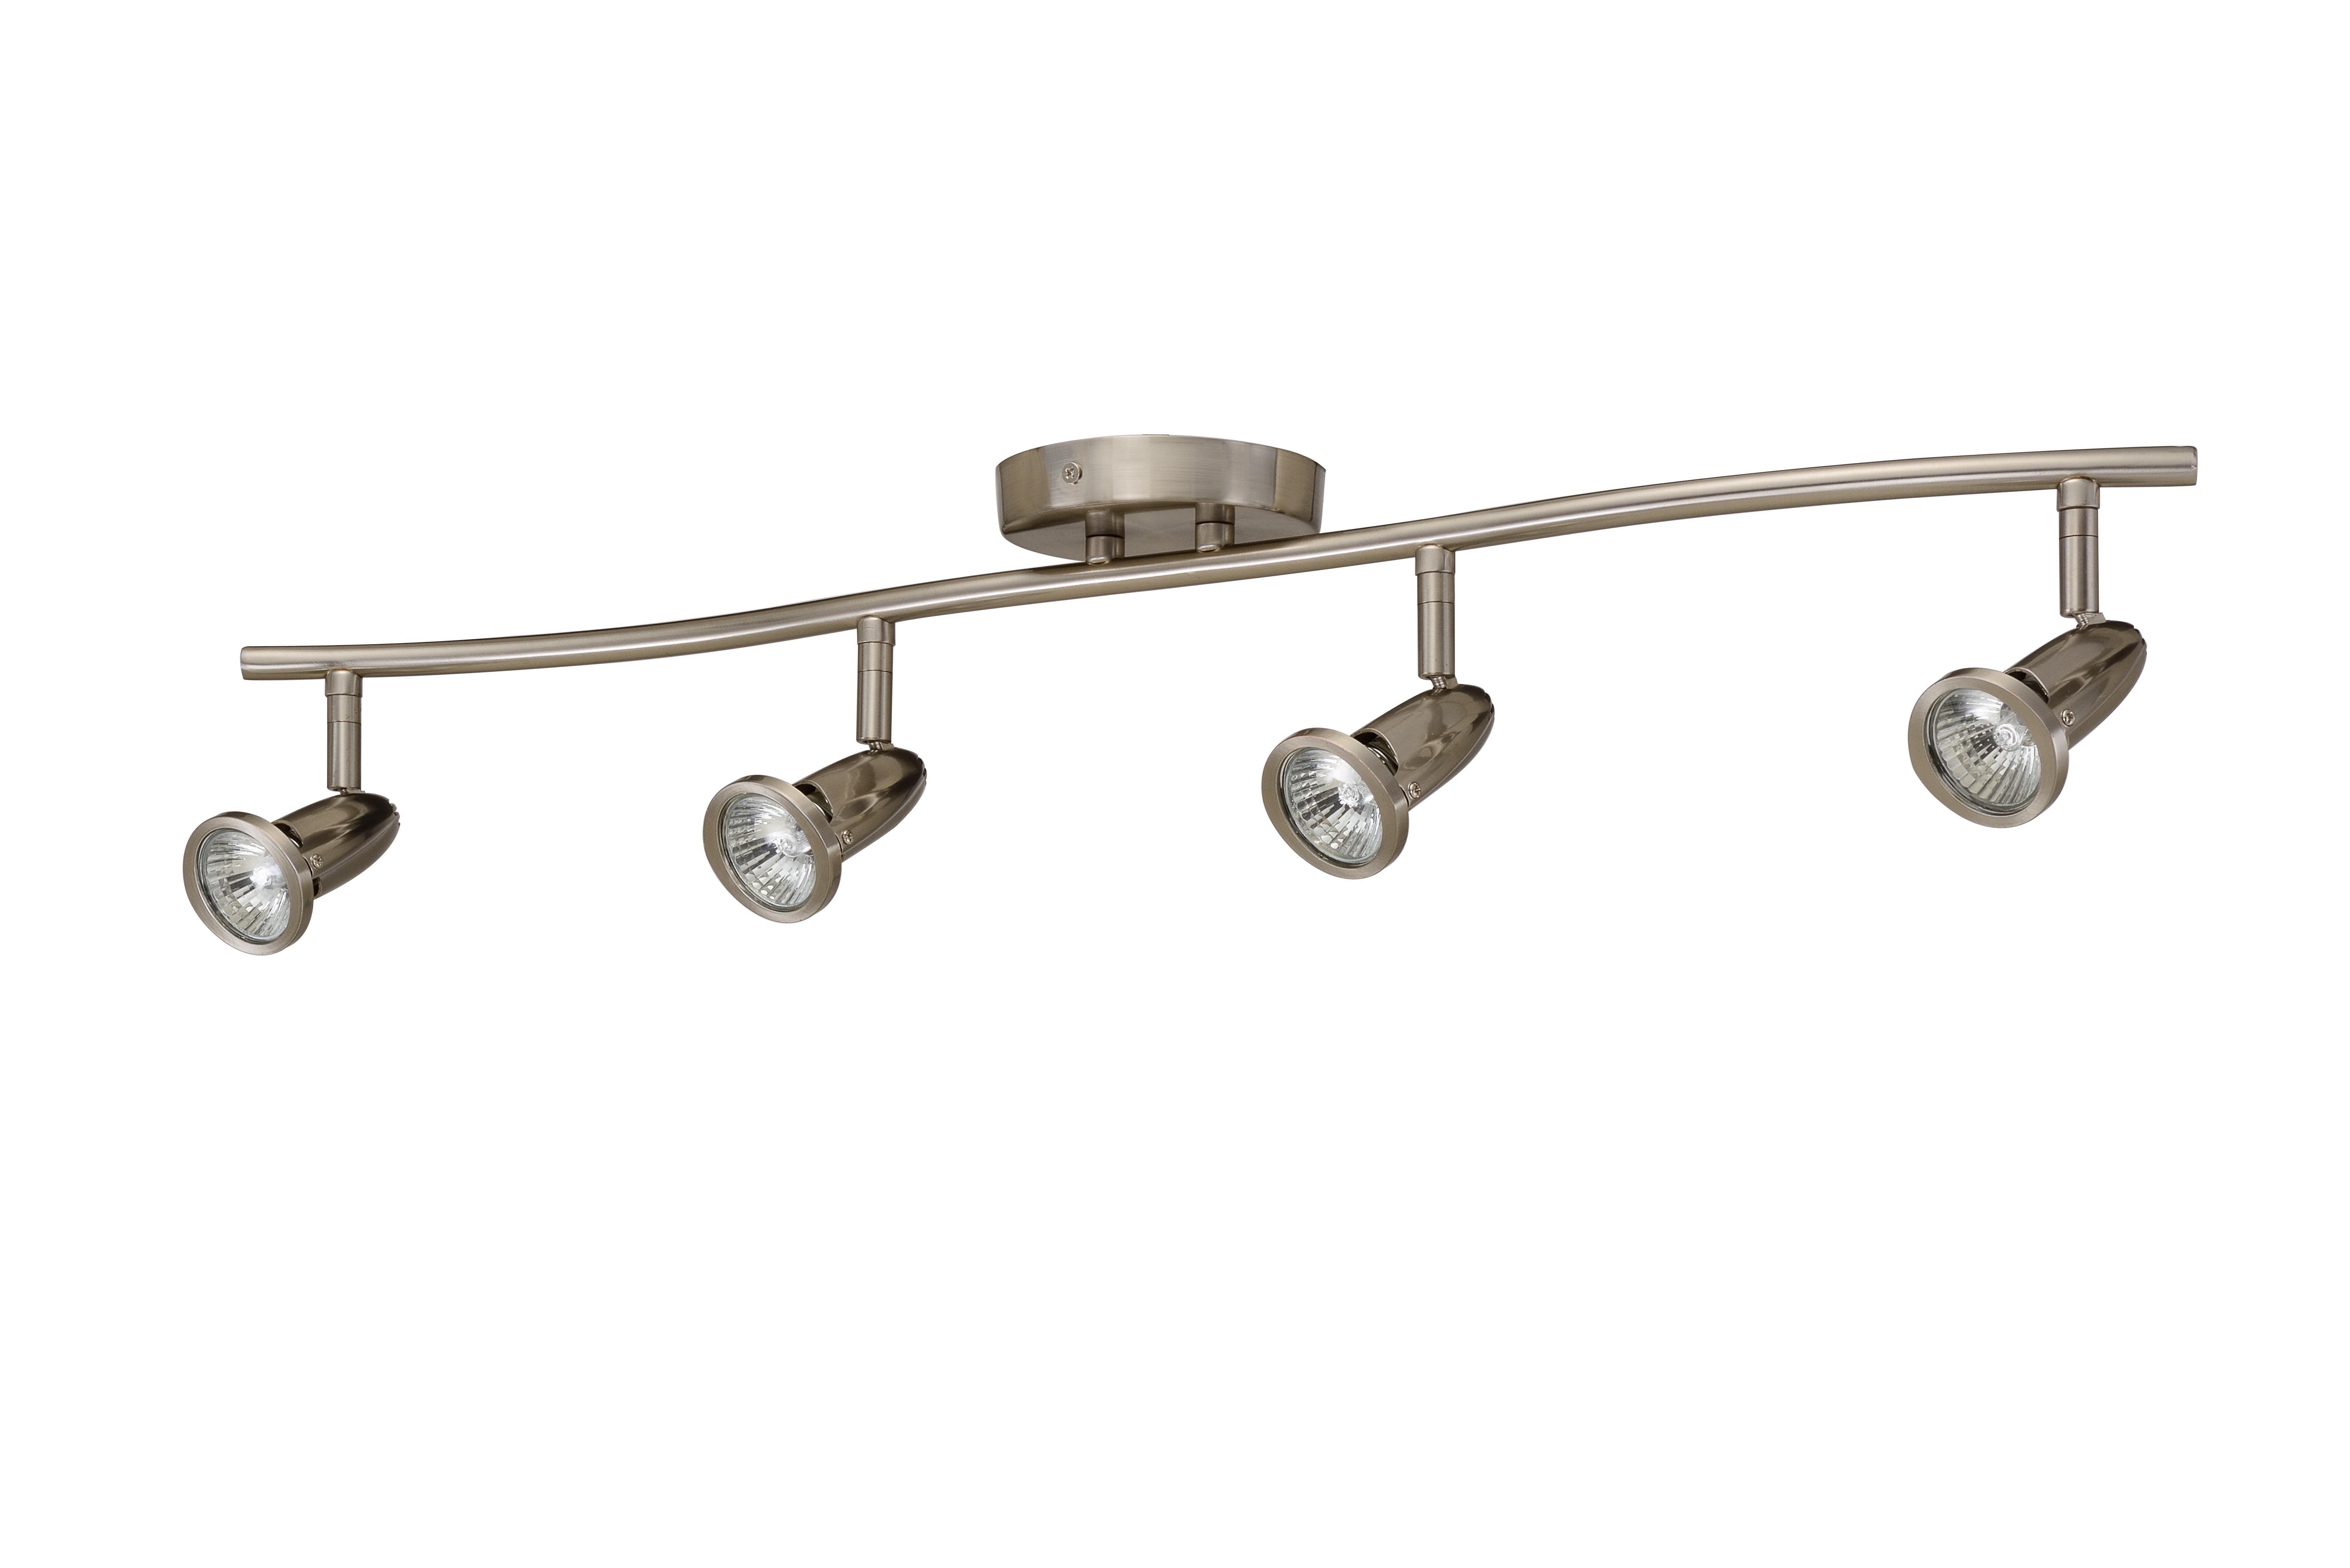 Gu10 Light Bar Rp Lighting Fans